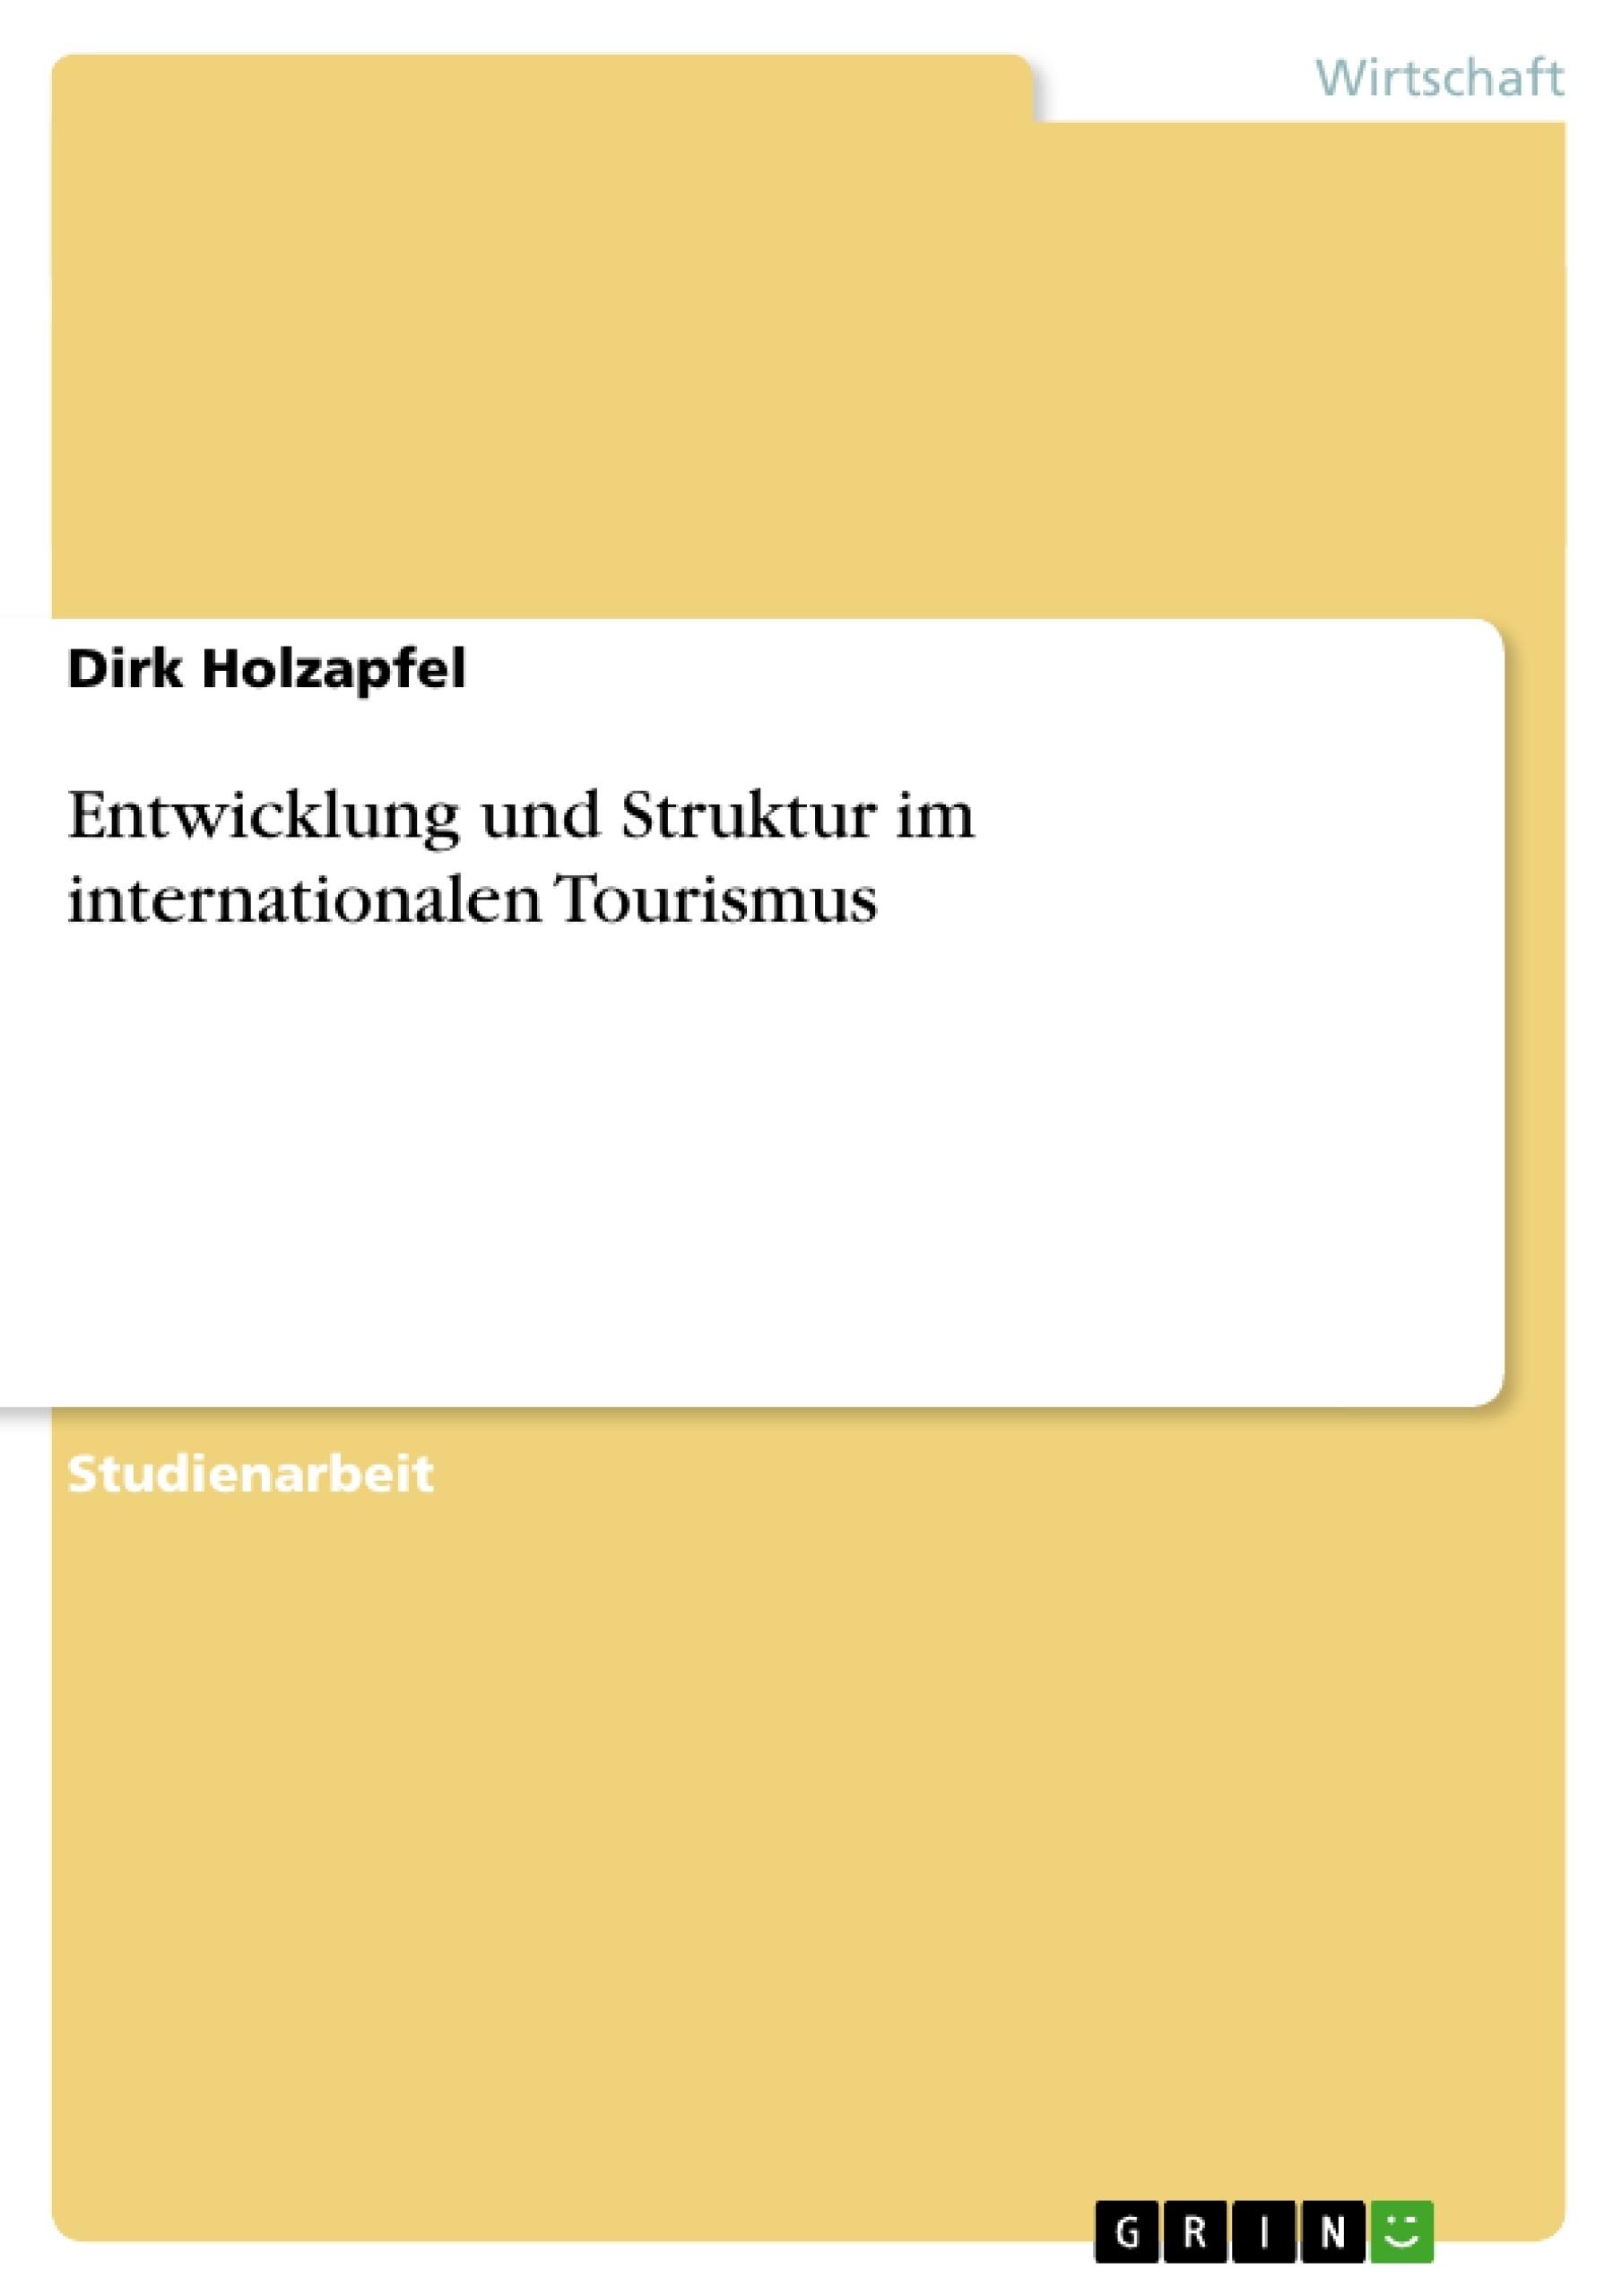 Titel: Entwicklung und Struktur im internationalen Tourismus